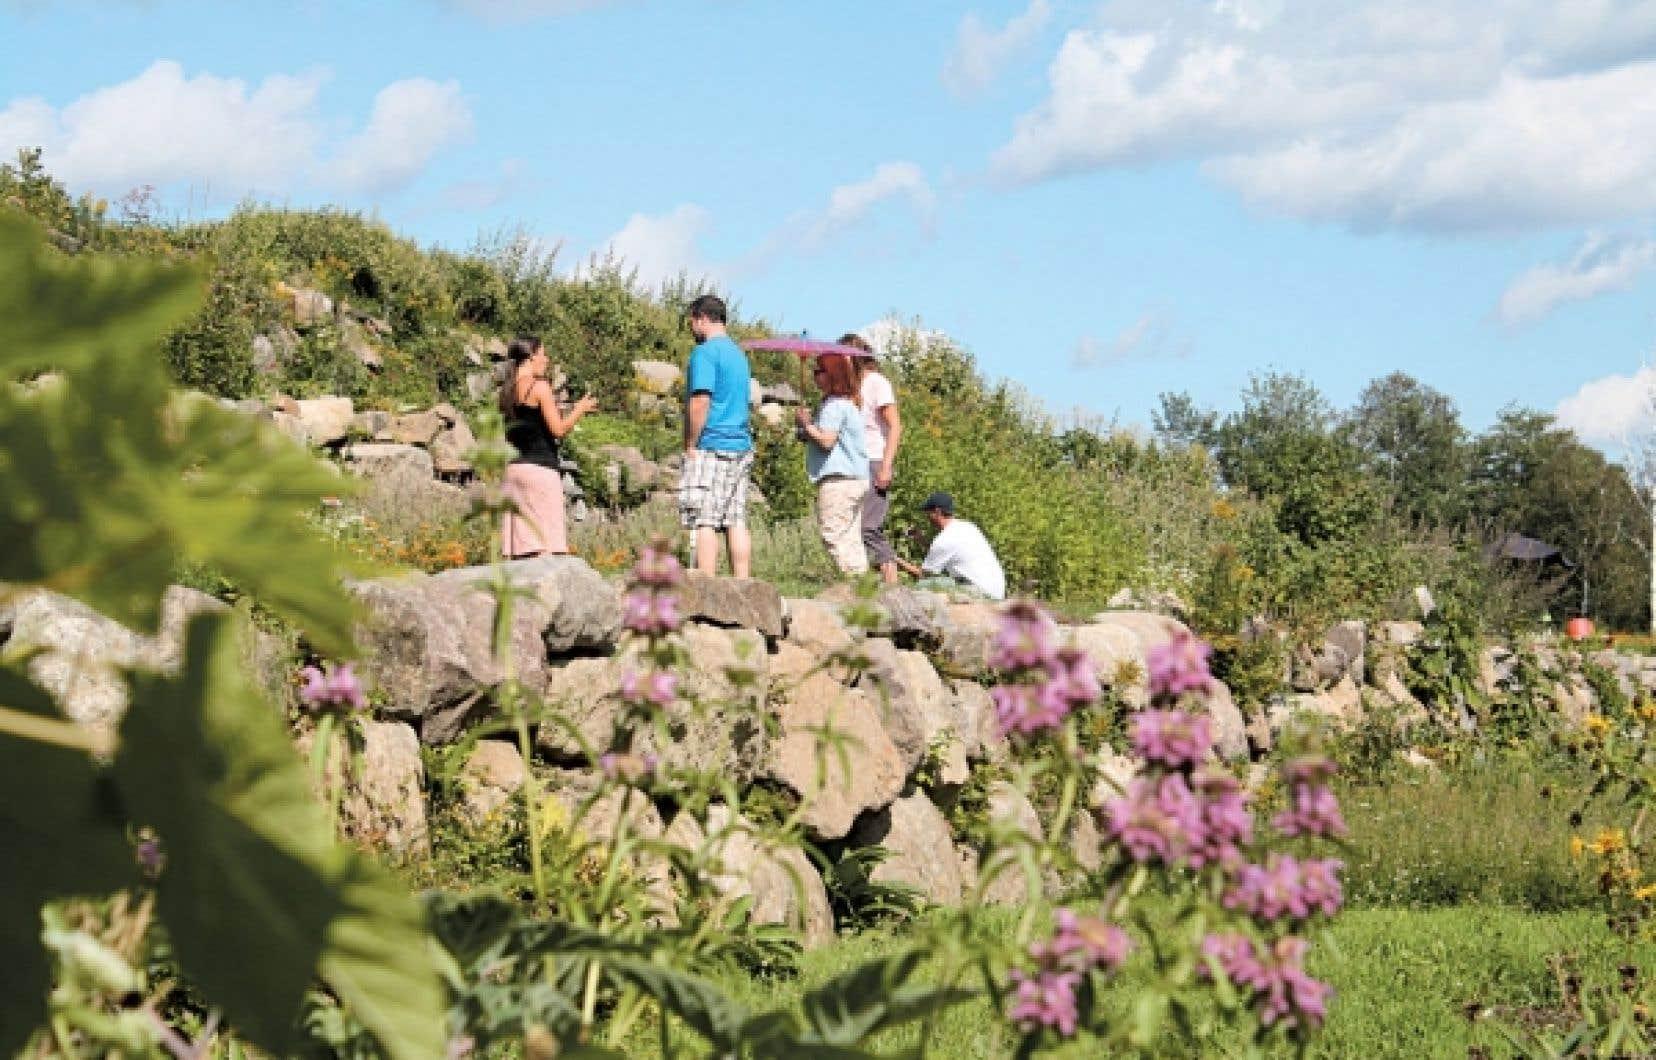 Une visite guidée des jardins de plantes médicinales de la Clef des champs permet d'apprendre un tas de trucs sur la culture de ces végétaux, sur leurs différents usages et sur leurs effets.